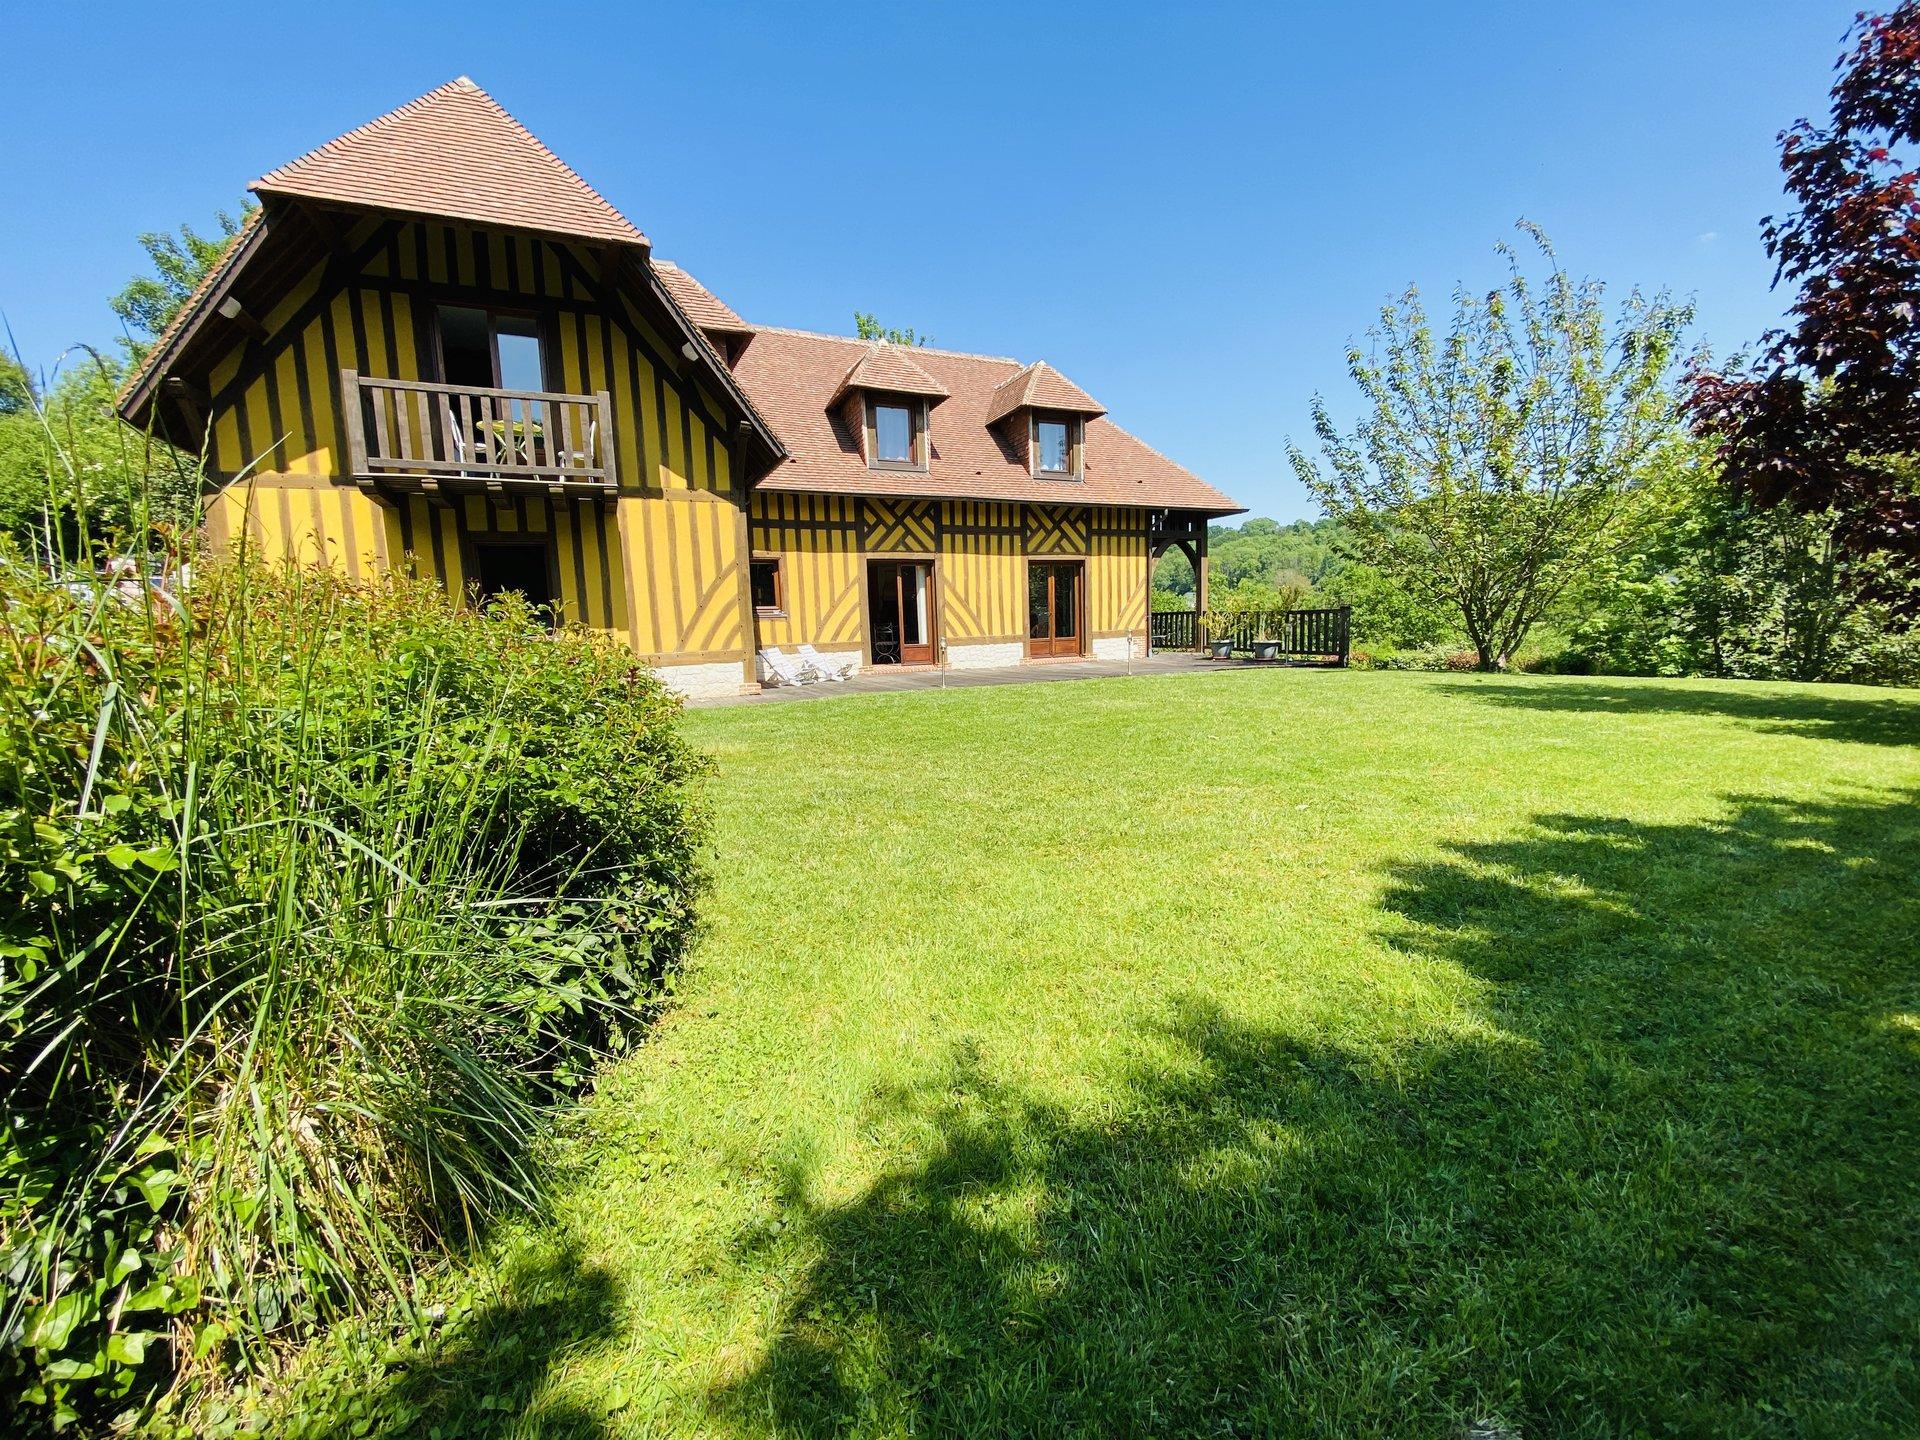 Vente Maison avec jardin - 6 pièces - 4 chambres - 14600 Honfleur